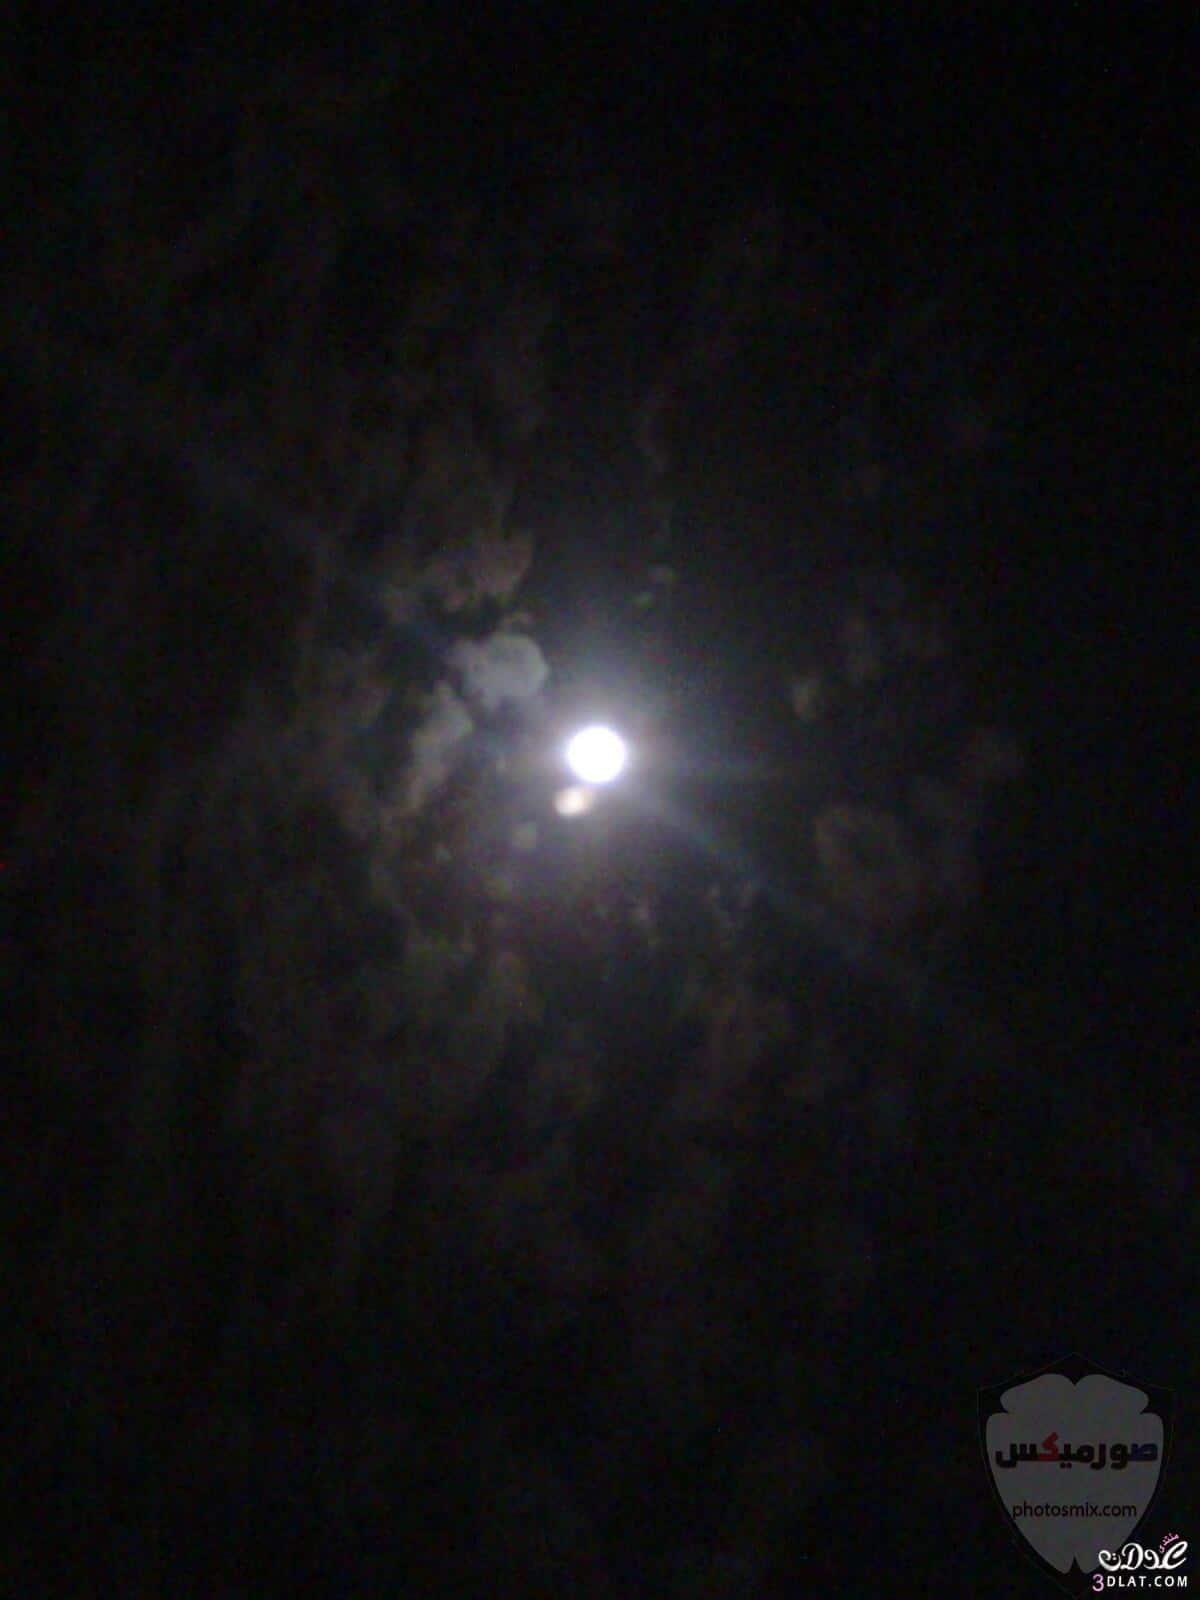 صور القمر العملاق رمزيات عن القمر العملاق صور قمر وسط النجوم 8